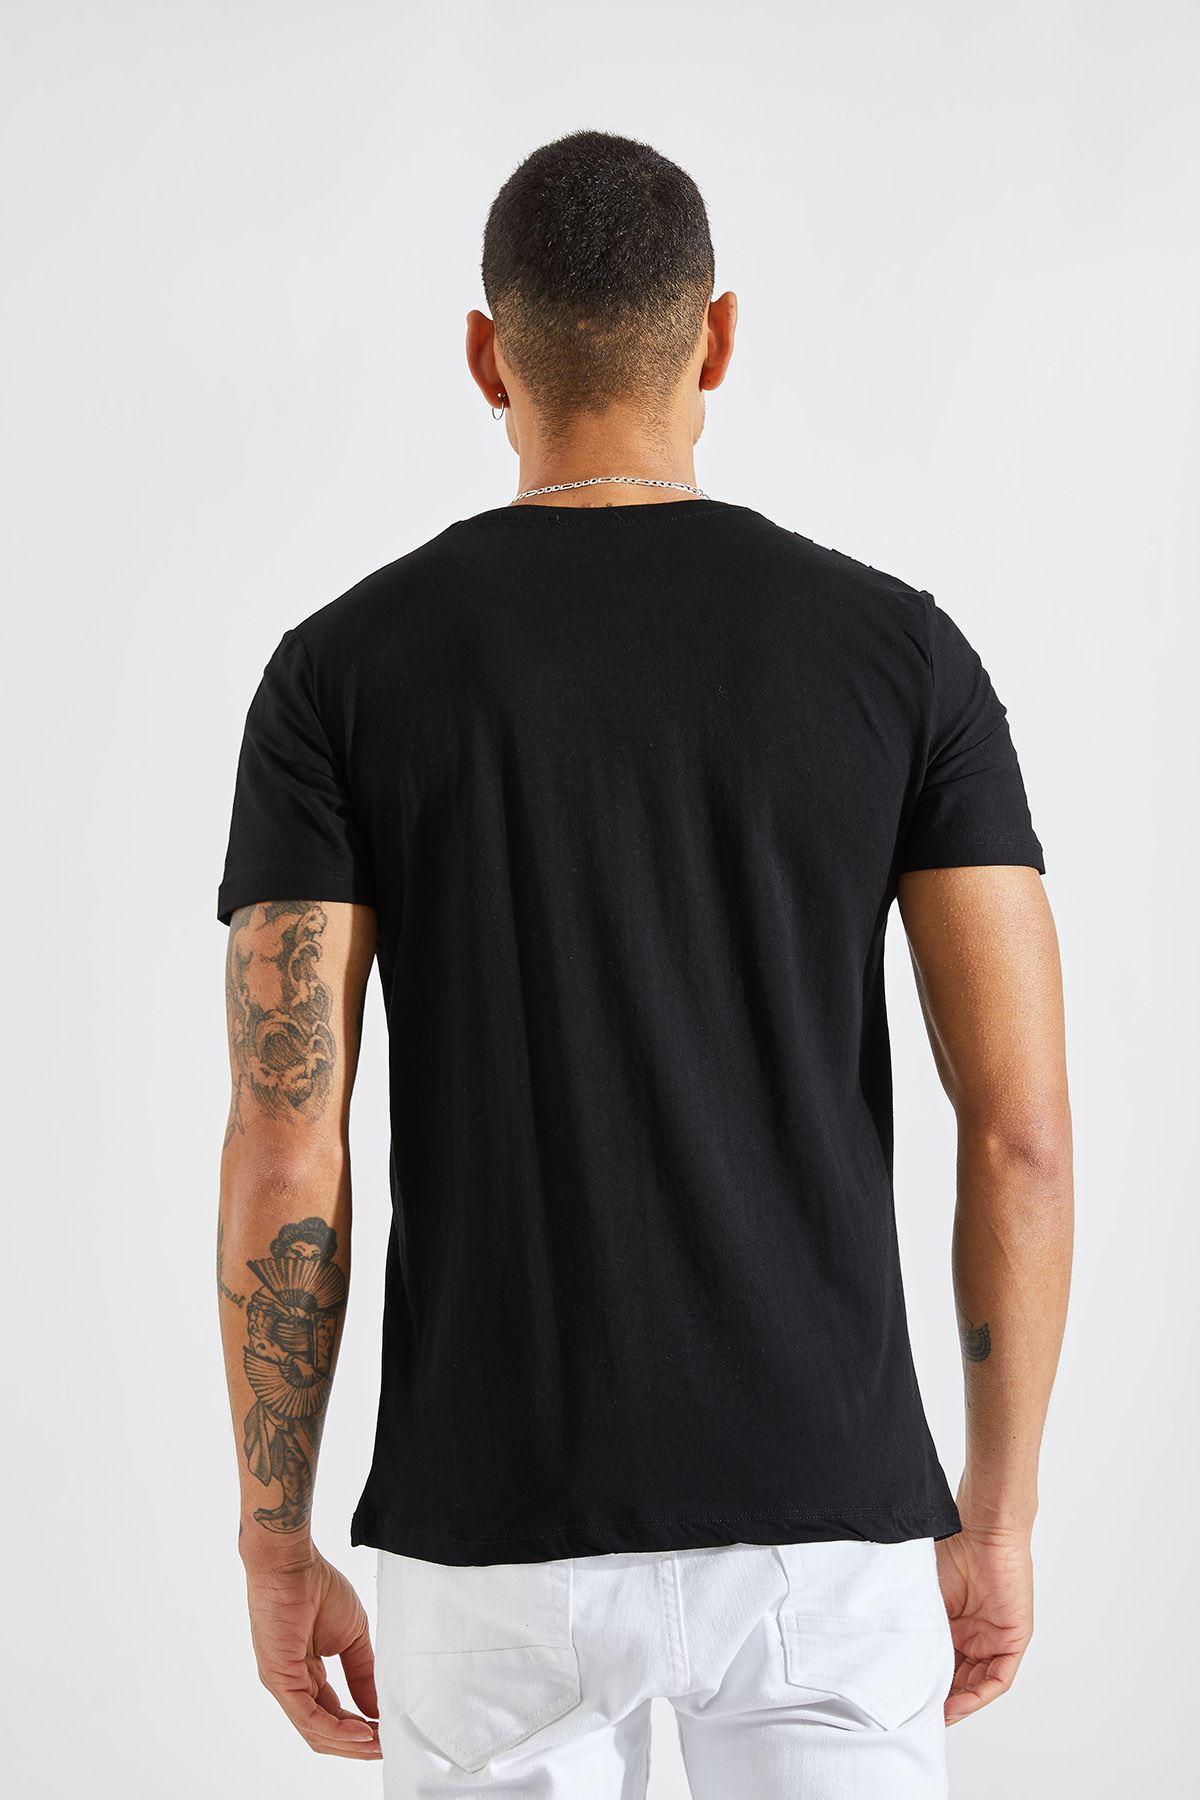 Erkek Üç Çizgi Baskılı Siyah Tişört